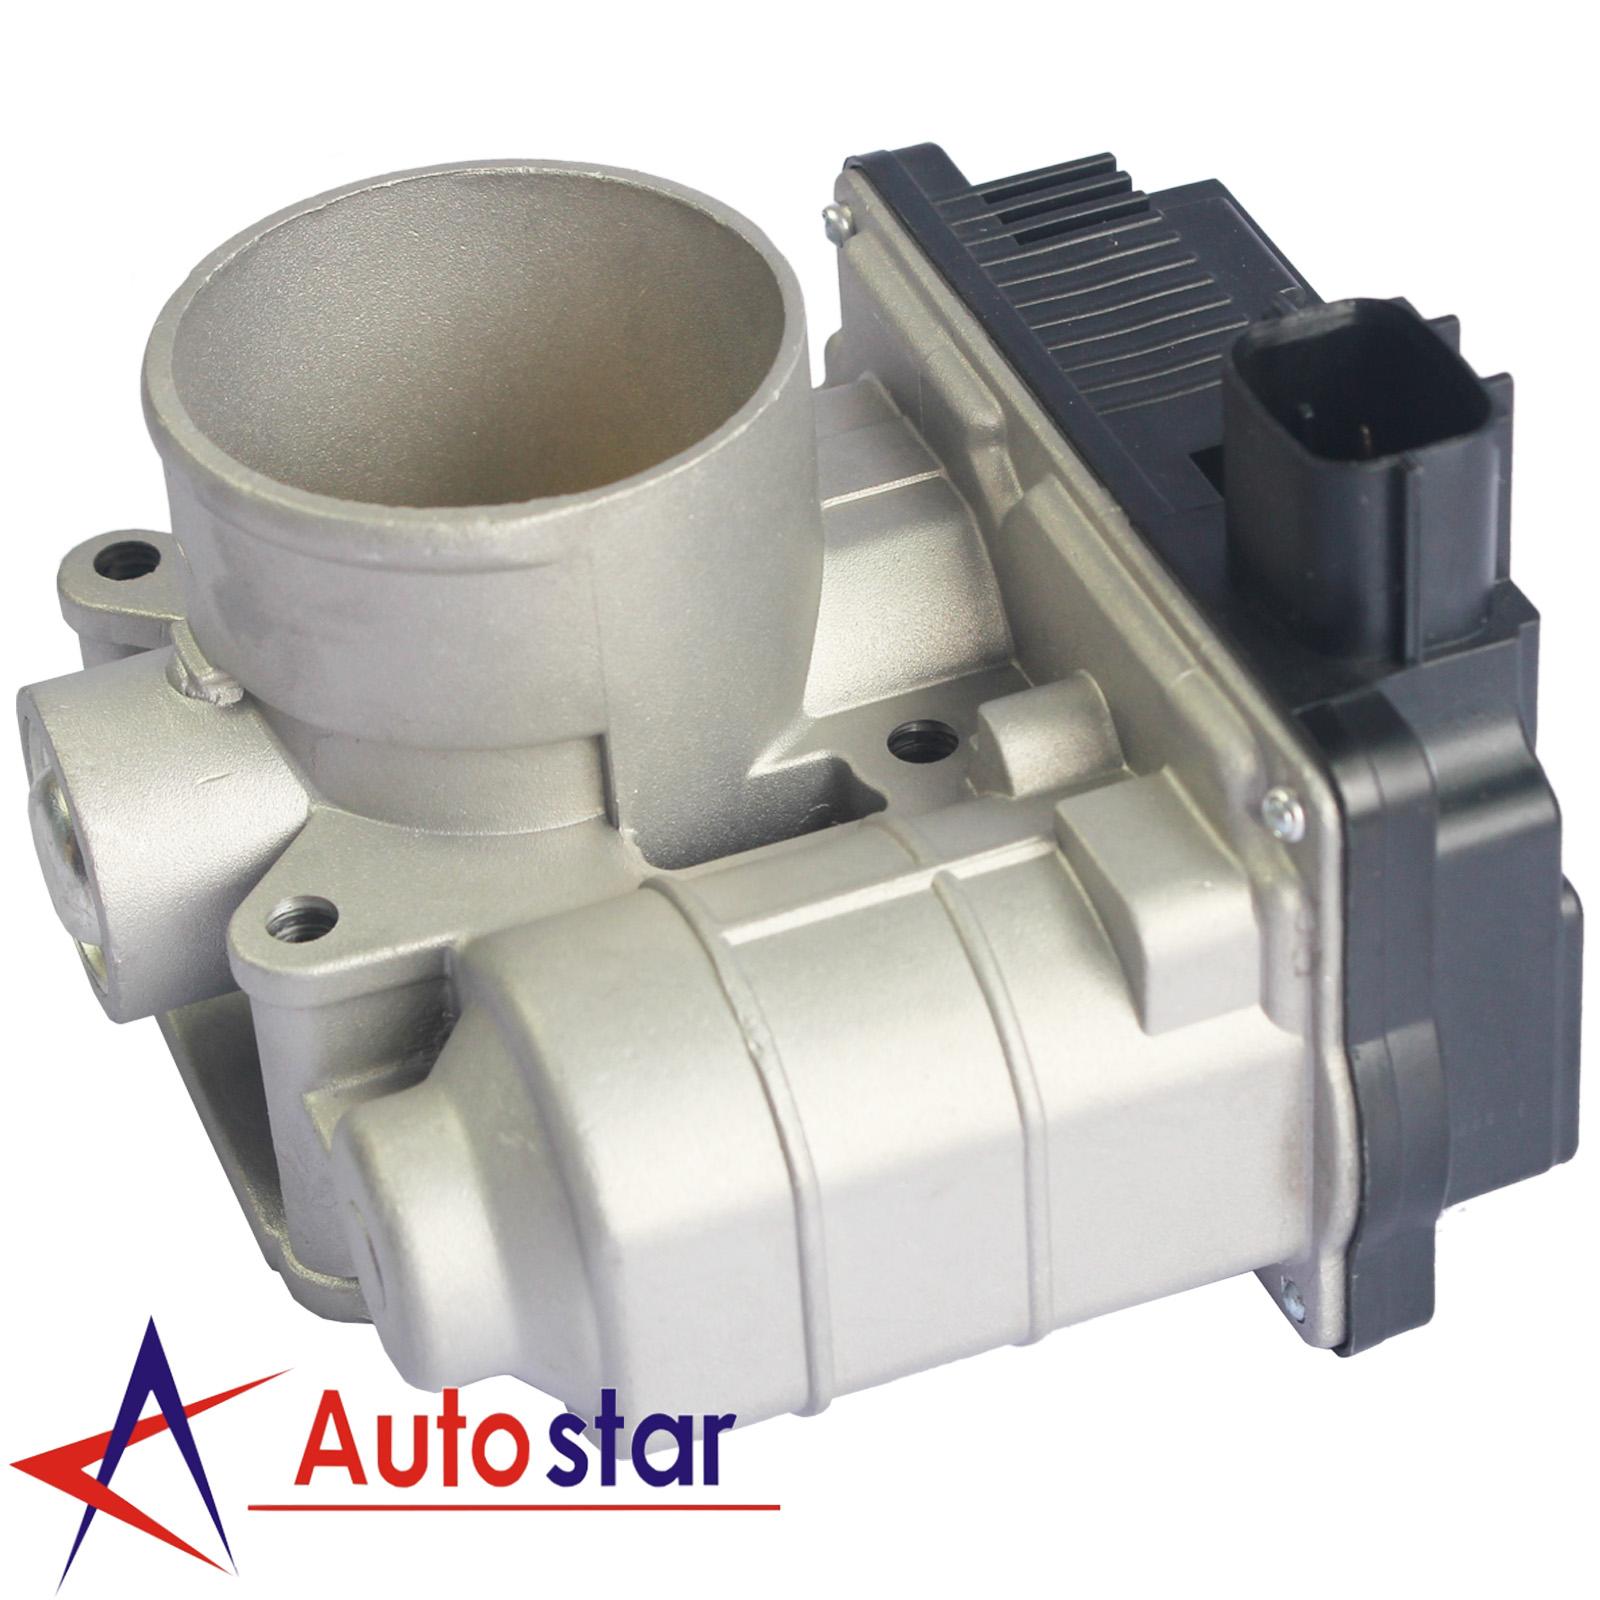 16119-AU003 OEM Engine Throttle Body For Nissan Sentra 1.8L ETB0003 SERA57601